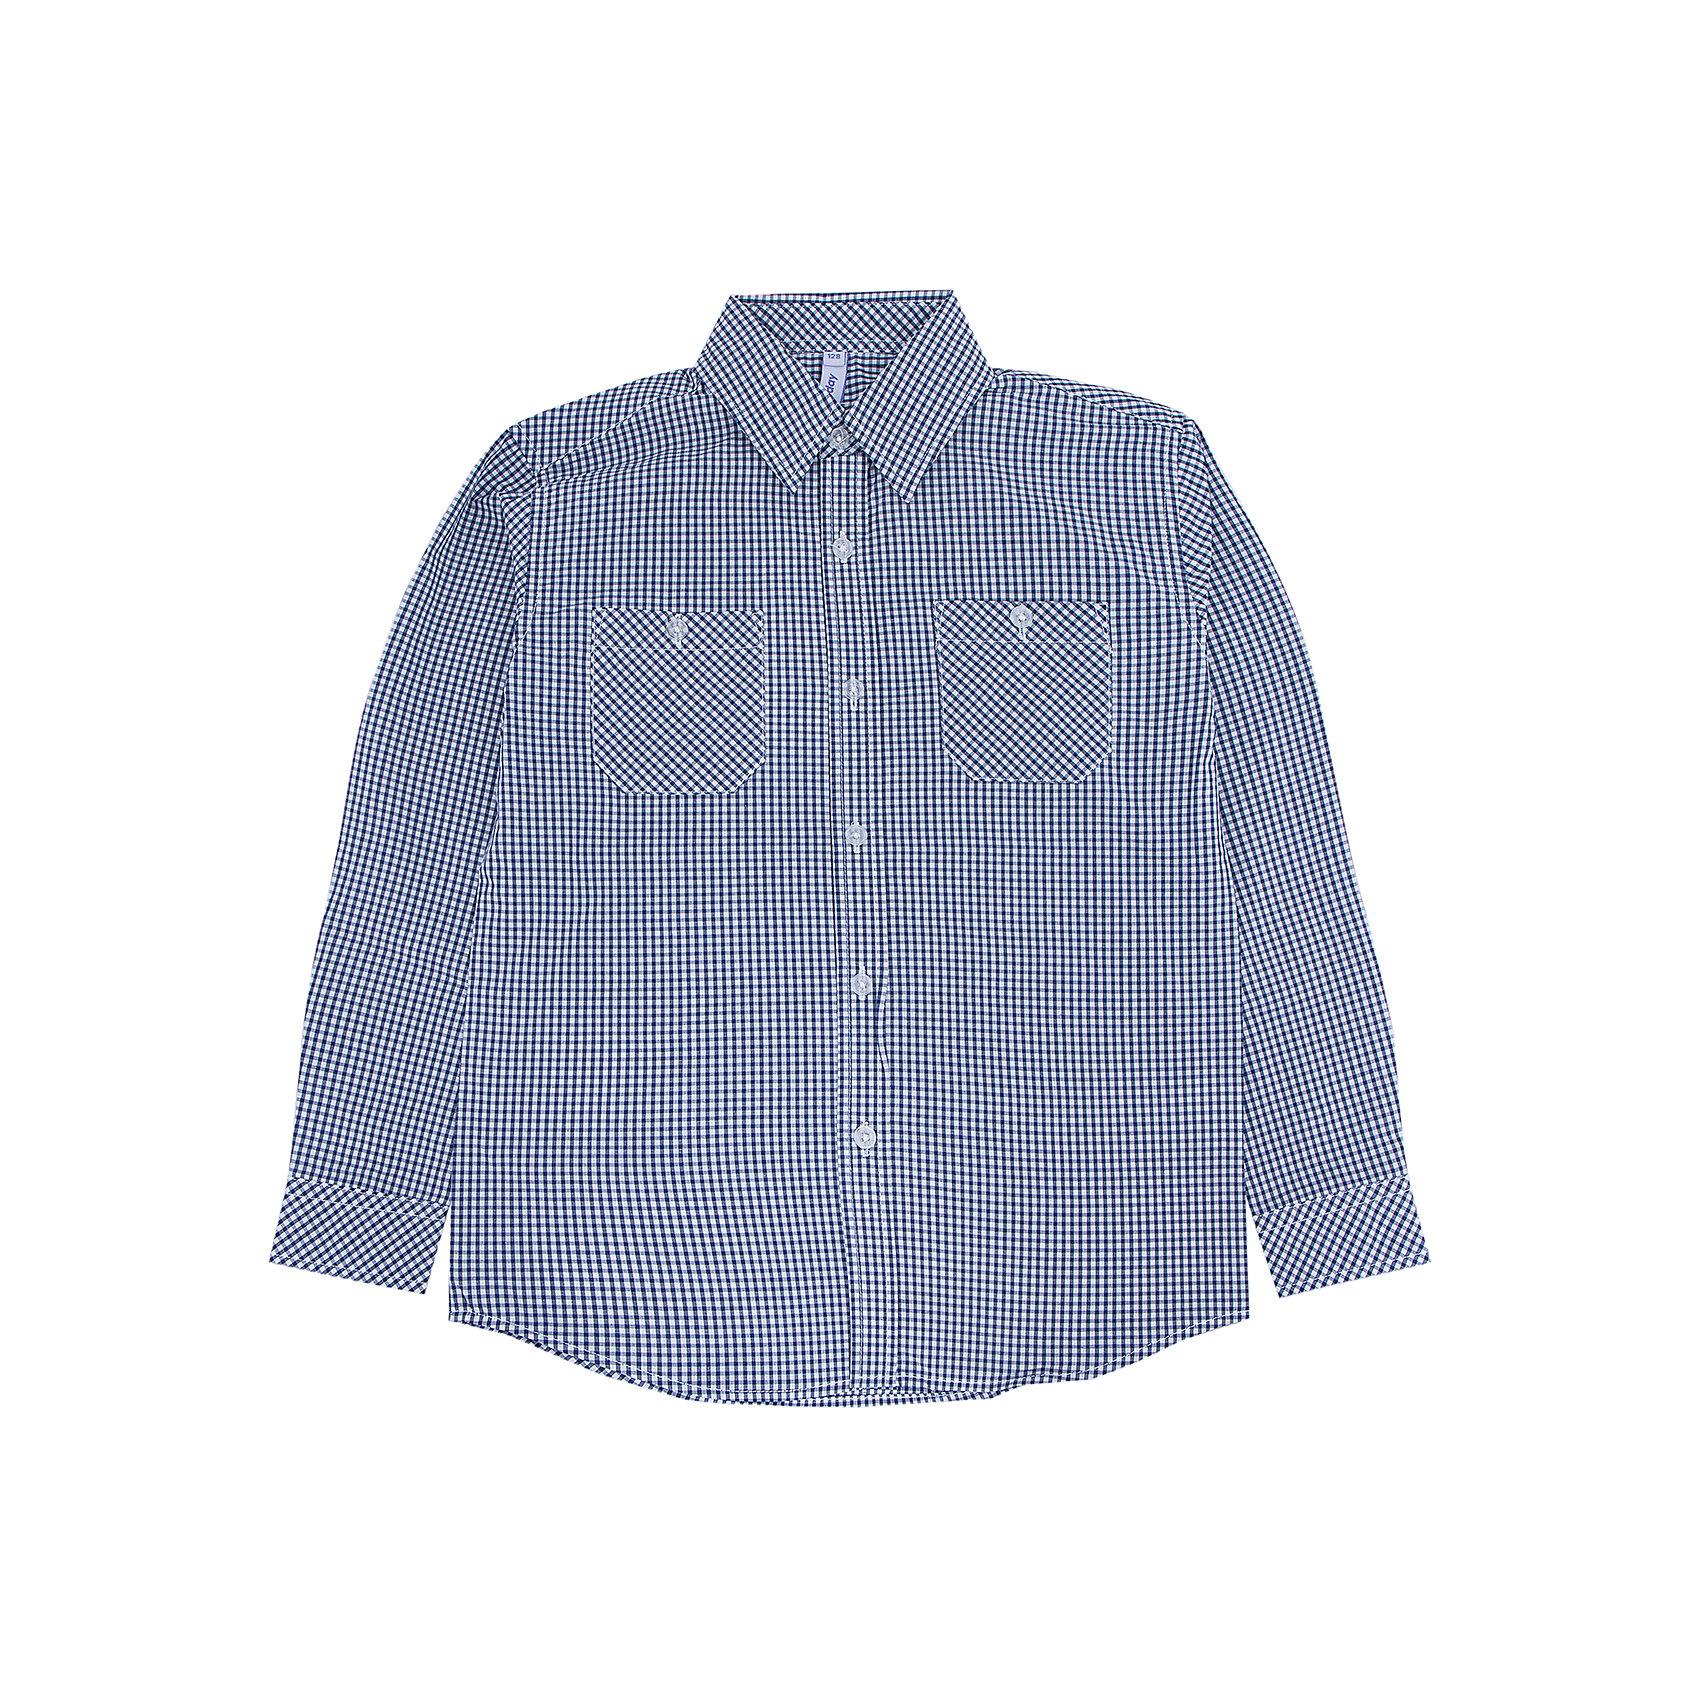 Рубашка для мальчика PlayTodayРубашка для мальчика от известного бренда PlayToday.<br>Стильная сорочка в мелкую темно-синюю клетку. Застегивается на прозрачные пуговицы. Классический отложной воротничок. Манжеты на двух пуговках. На полочке два функциональных кармана.<br>Состав:<br>100% хлопок<br><br>Ширина мм: 174<br>Глубина мм: 10<br>Высота мм: 169<br>Вес г: 157<br>Цвет: синий<br>Возраст от месяцев: 36<br>Возраст до месяцев: 48<br>Пол: Мужской<br>Возраст: Детский<br>Размер: 104,98,122,116,110,128<br>SKU: 4896752